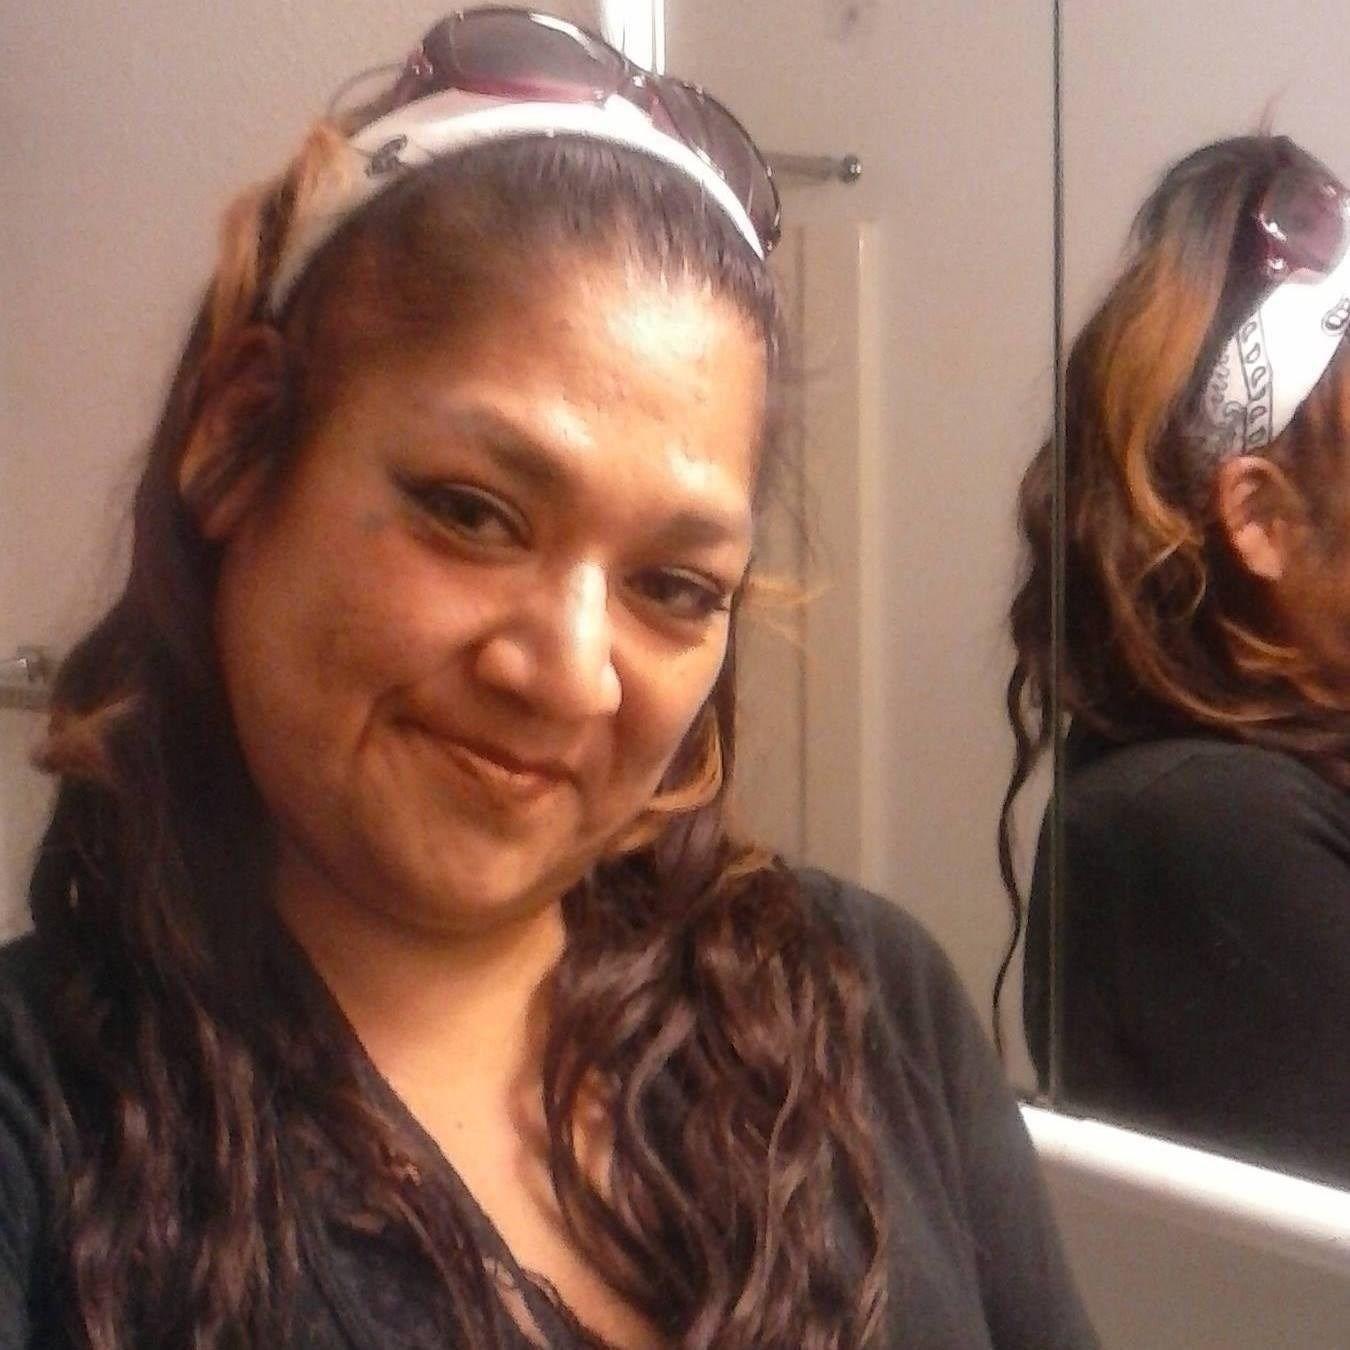 Julia Stump was found dead in November (Facebook)